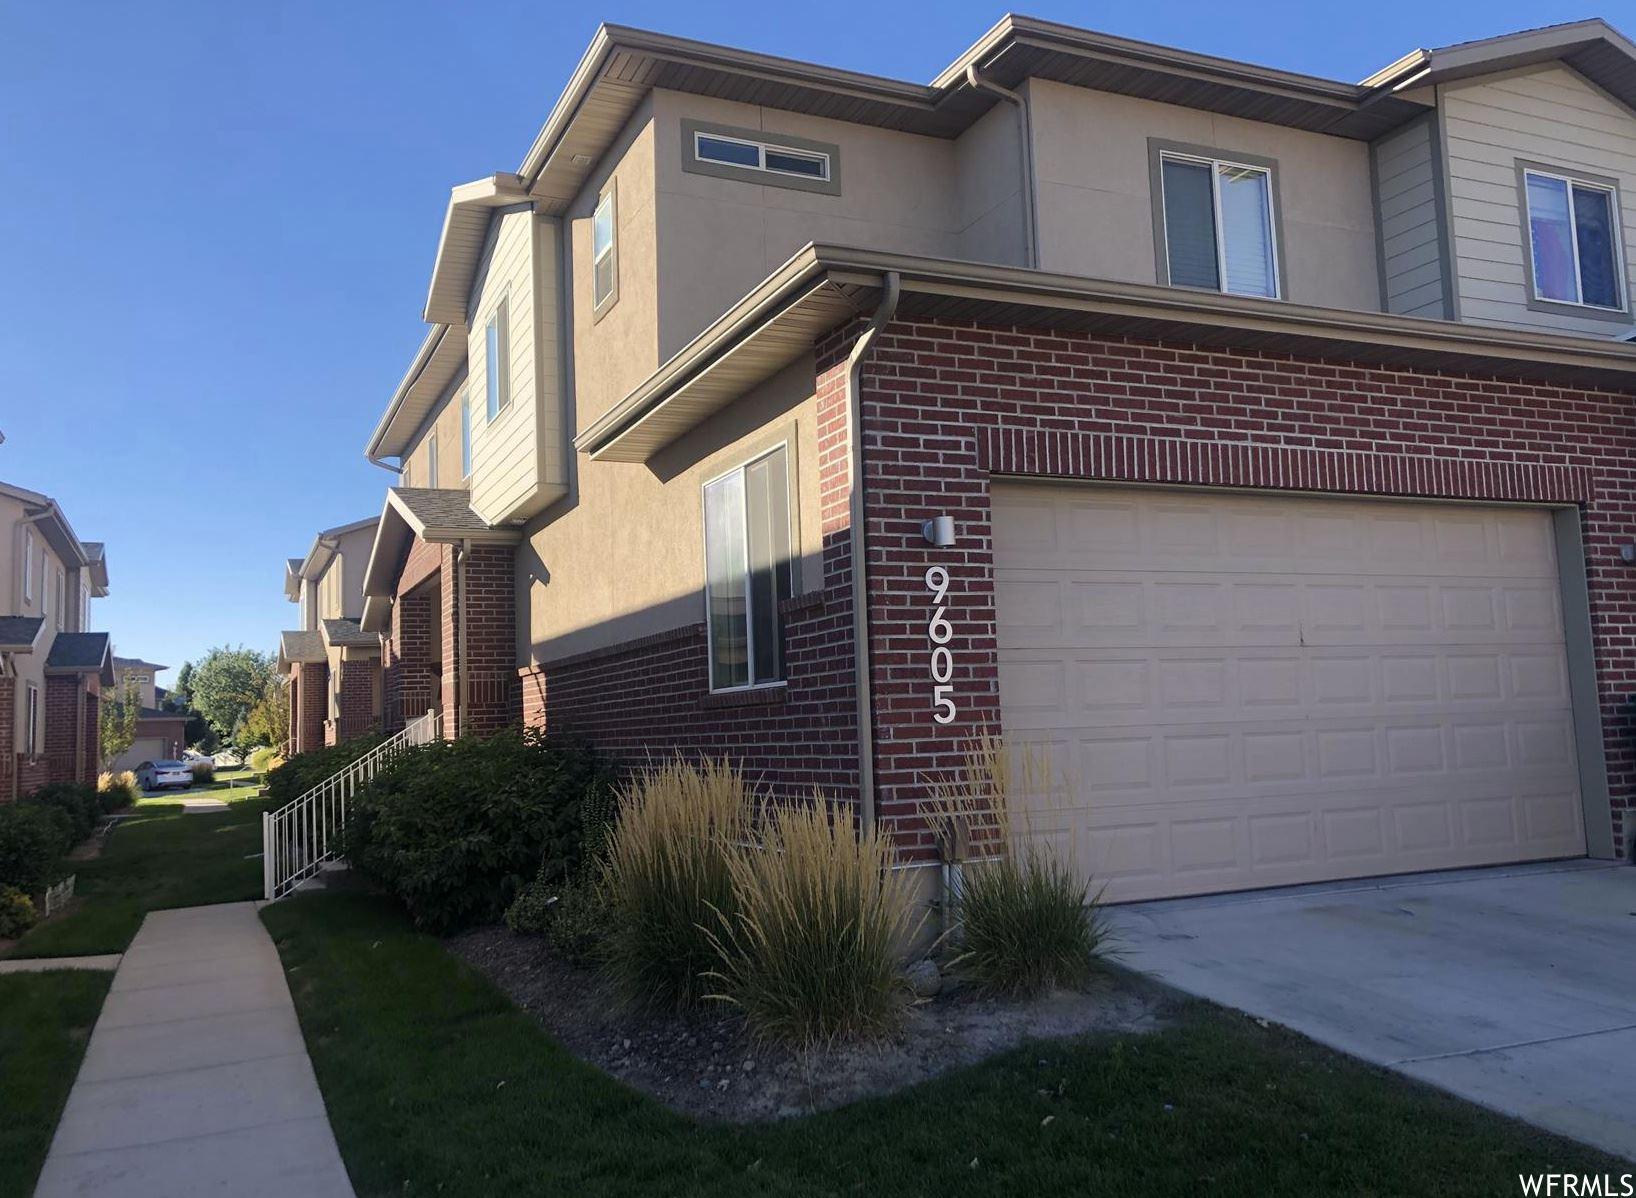 Photo of 9605 N DEERFIELD LN, Cedar Hills, UT 84062 (MLS # 1771242)